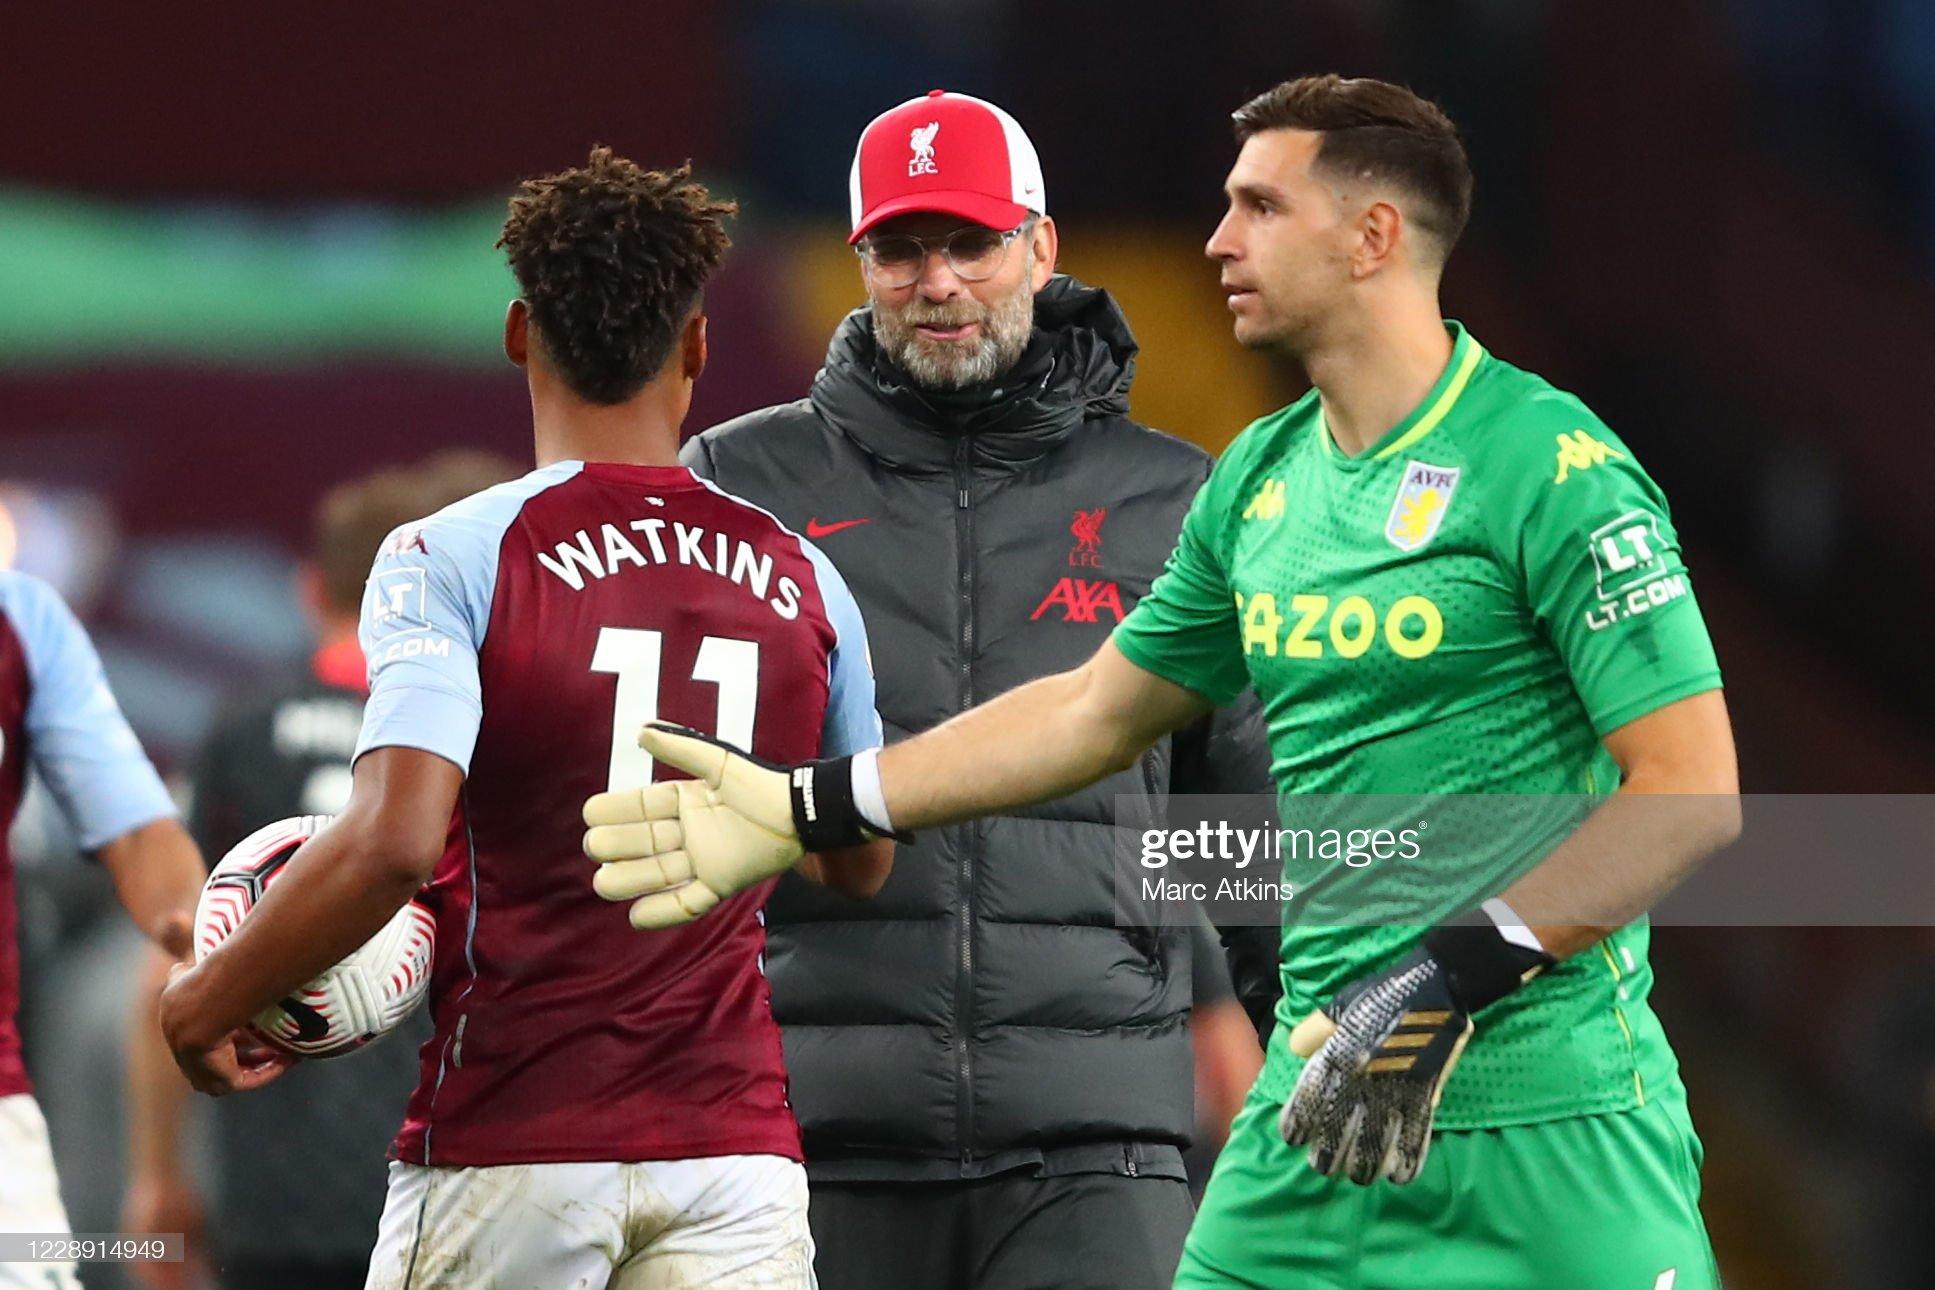 Aston Villa look a different team to last season